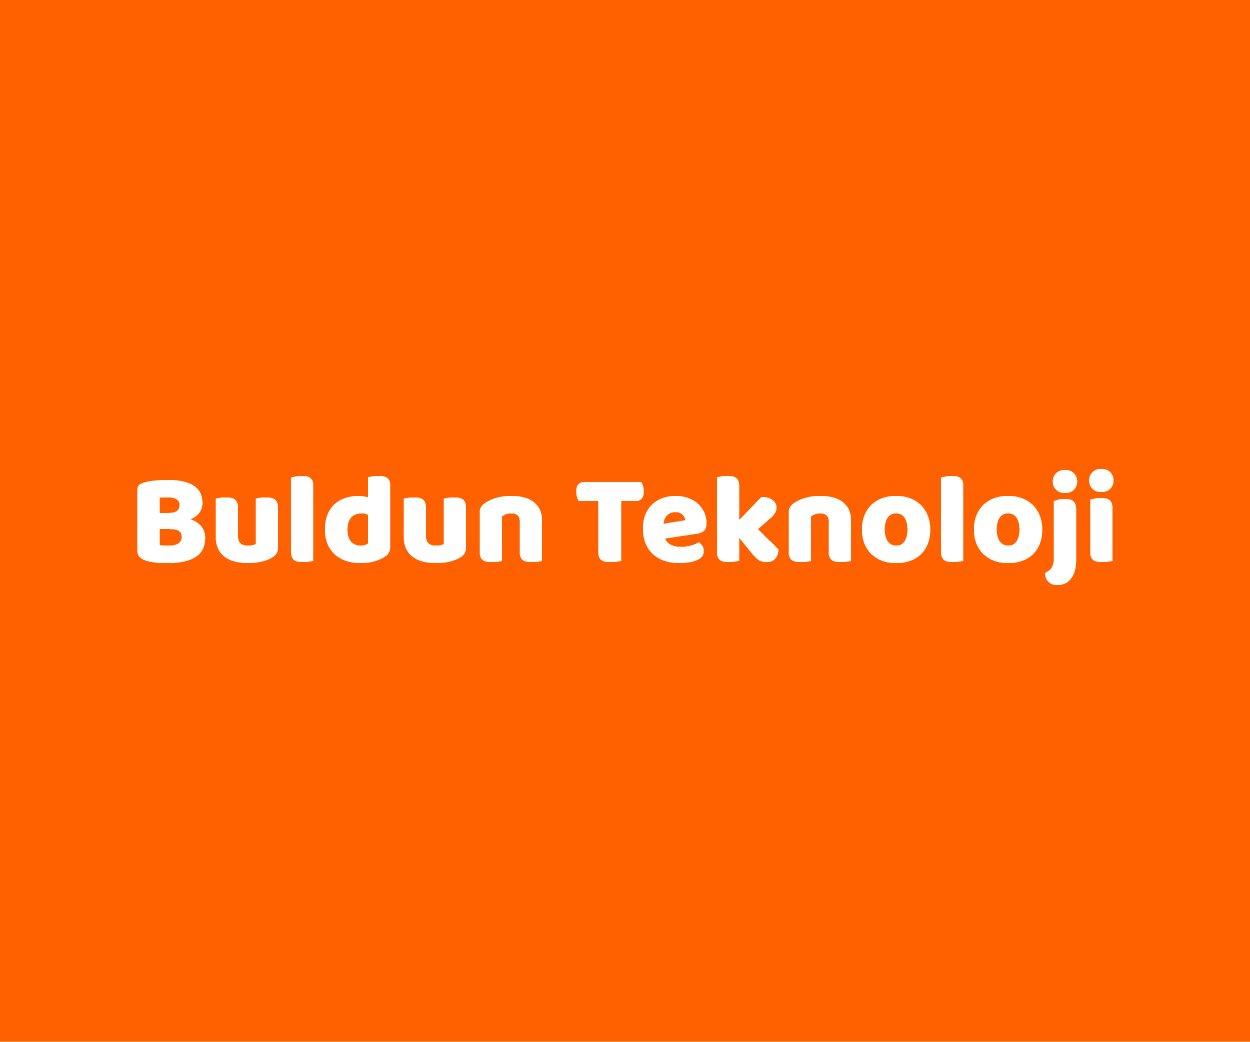 Buldun Teknoloji Sanal Mağazacılık Tic. Ltd. Şti.